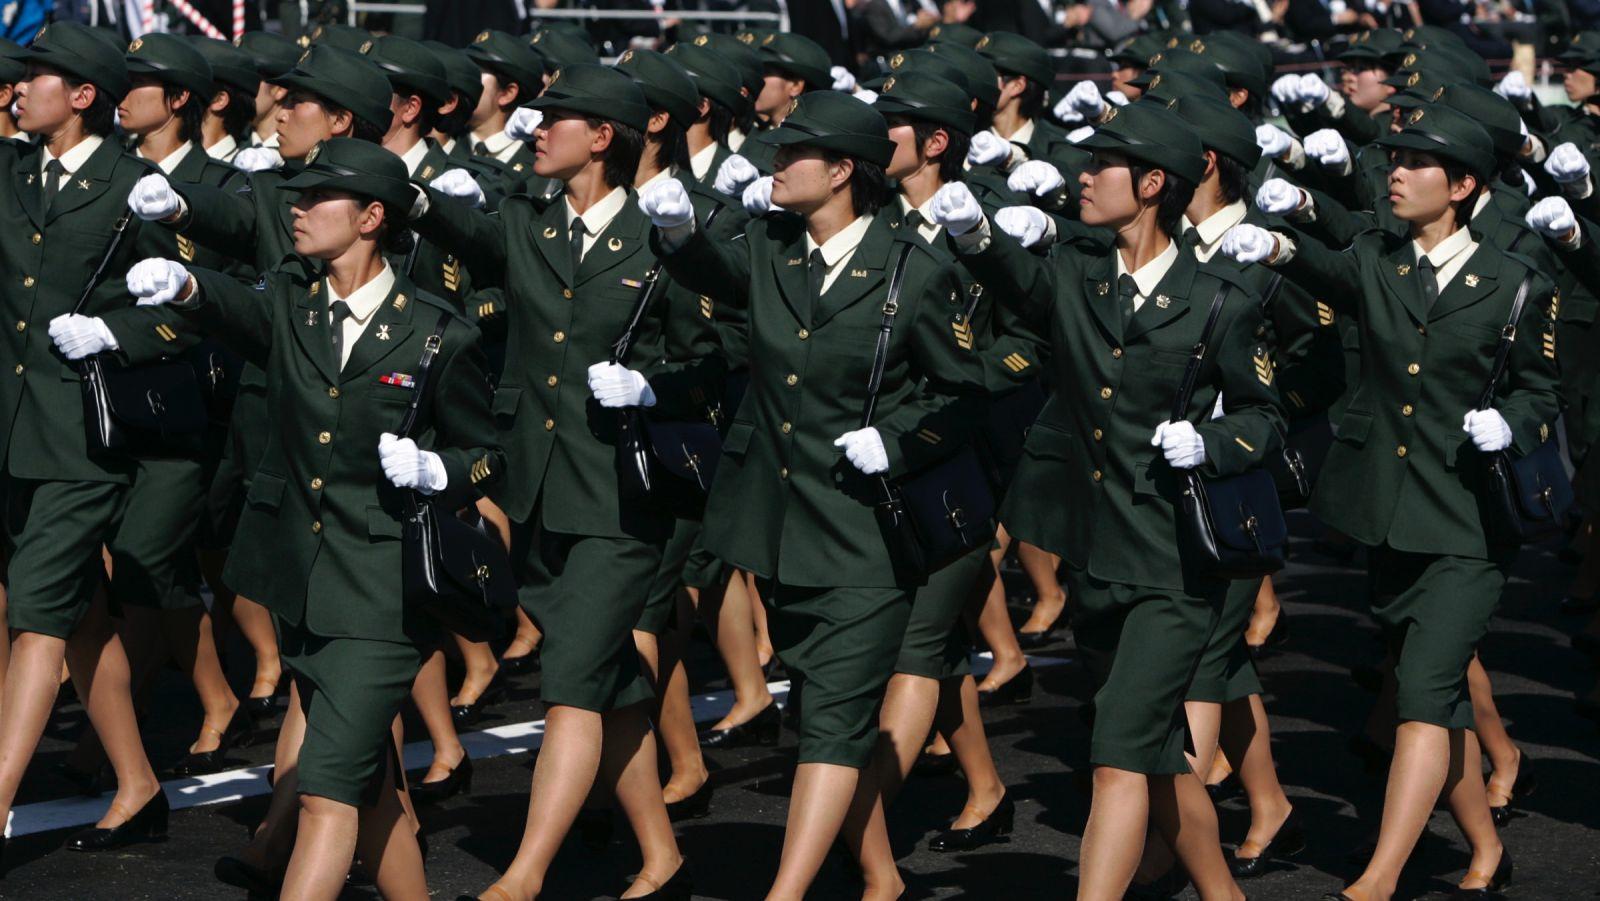 Bomba que exploda roupas das mulheres preocupa professor japonês